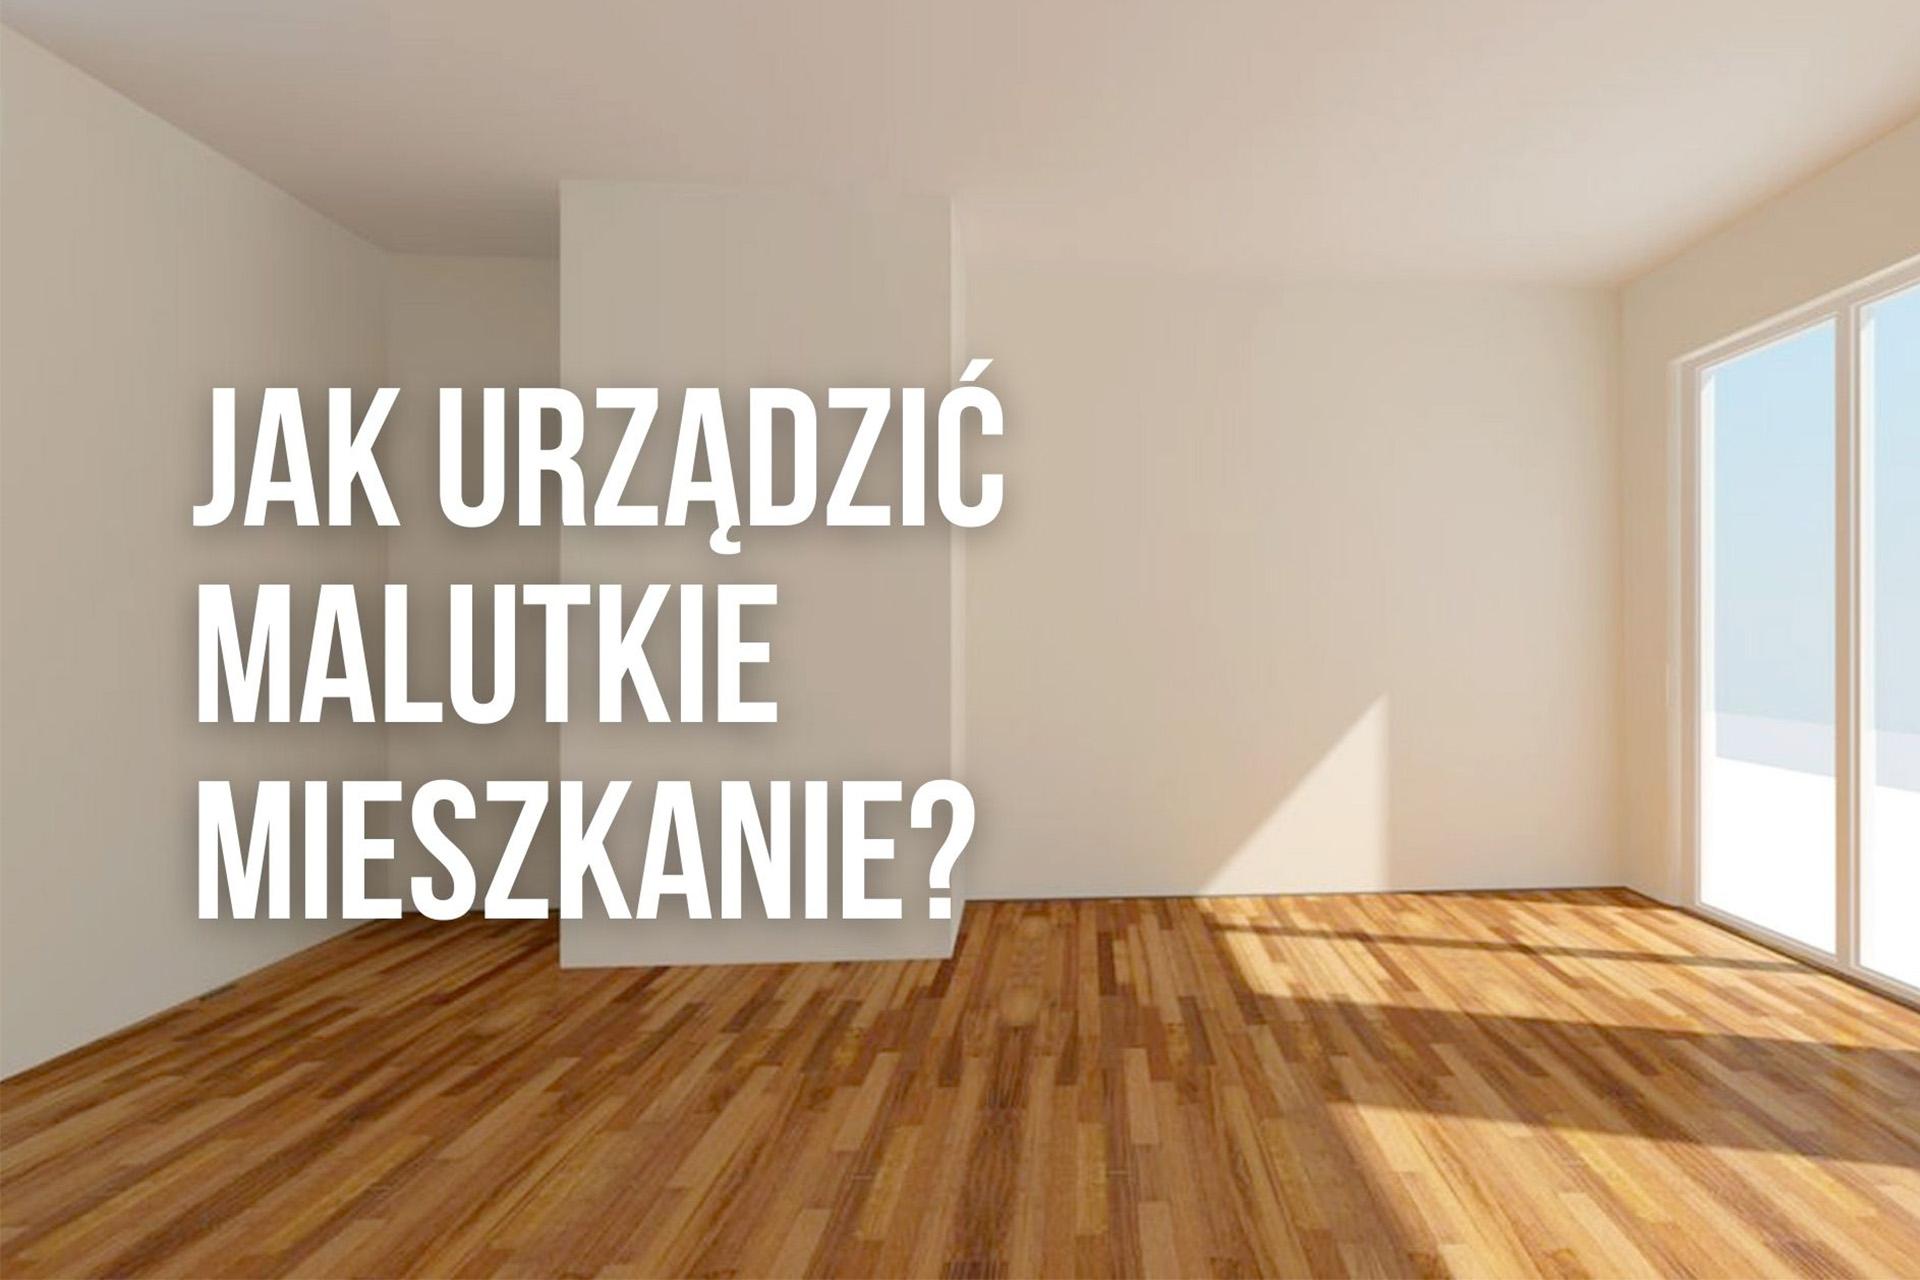 Jak urządzić malutkie mieszkanie?